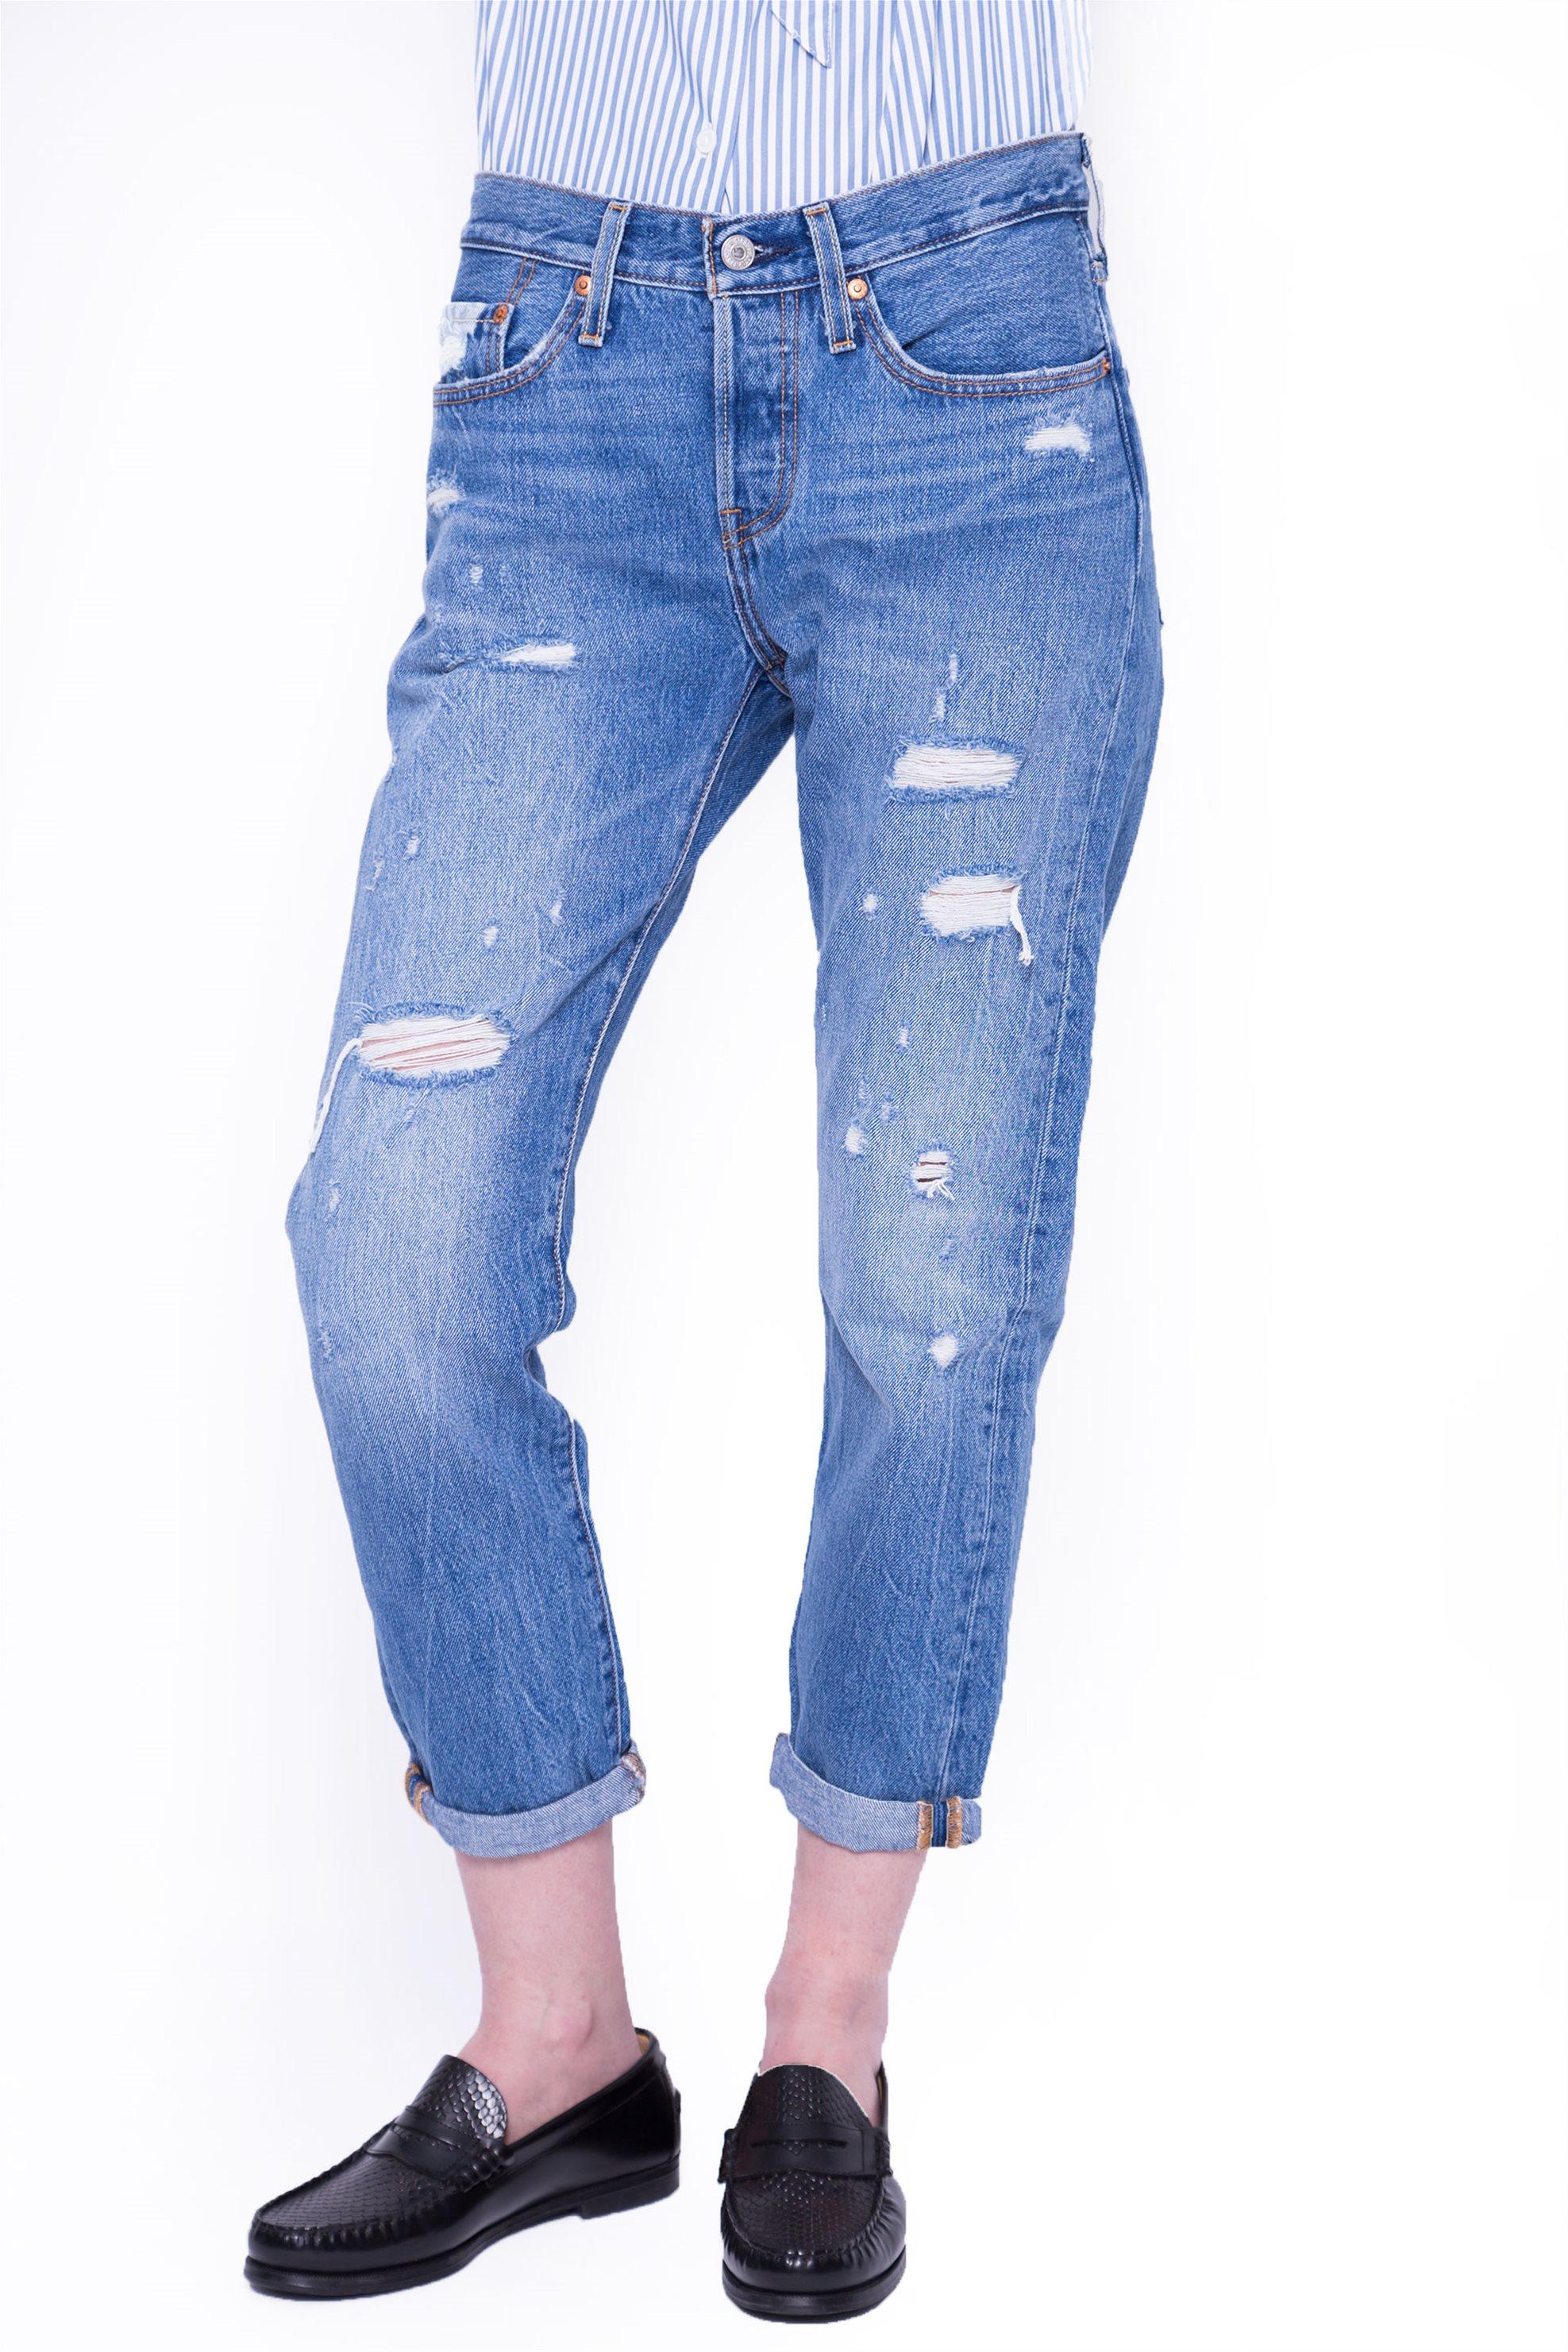 a0395a947a9 Γυναικείο παντελόνι Levi's - 3619700-09-28 - Μπλε